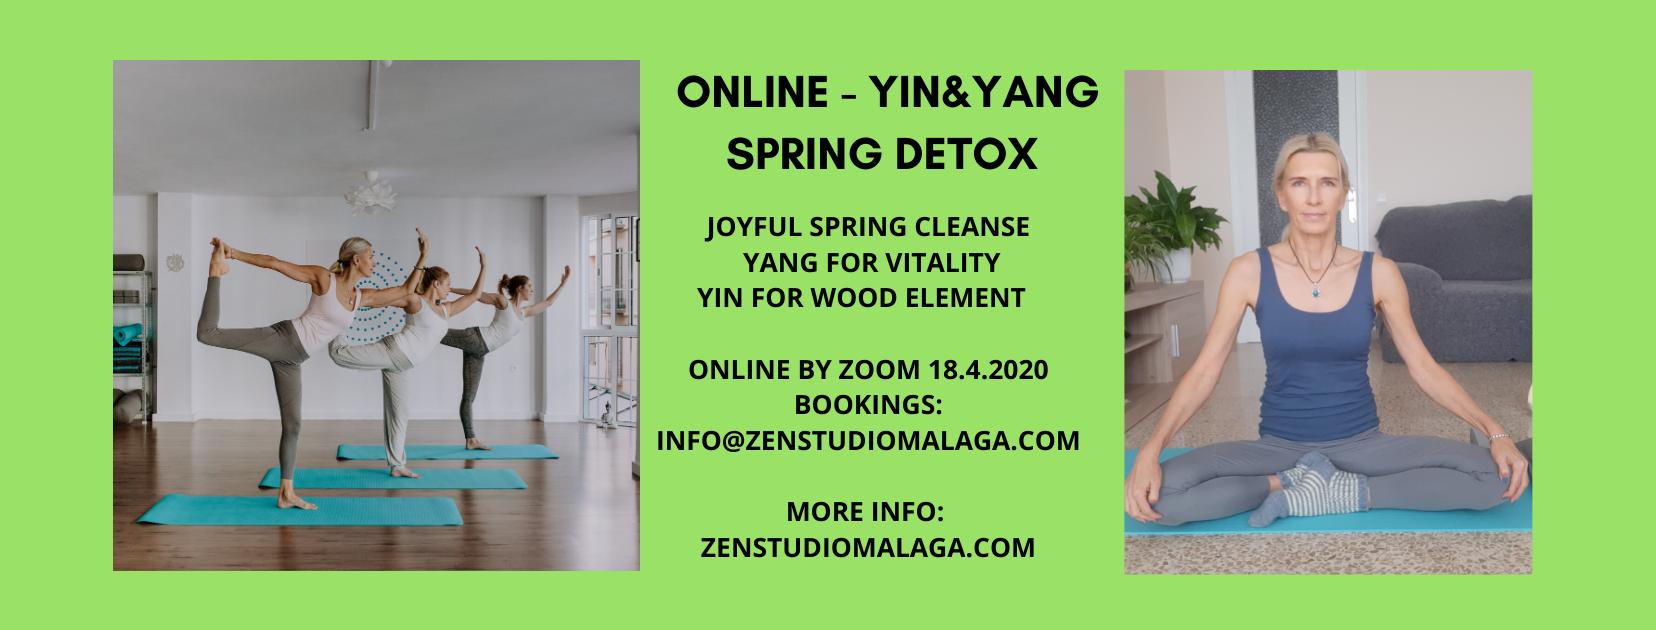 Online Yin & Yang Detox